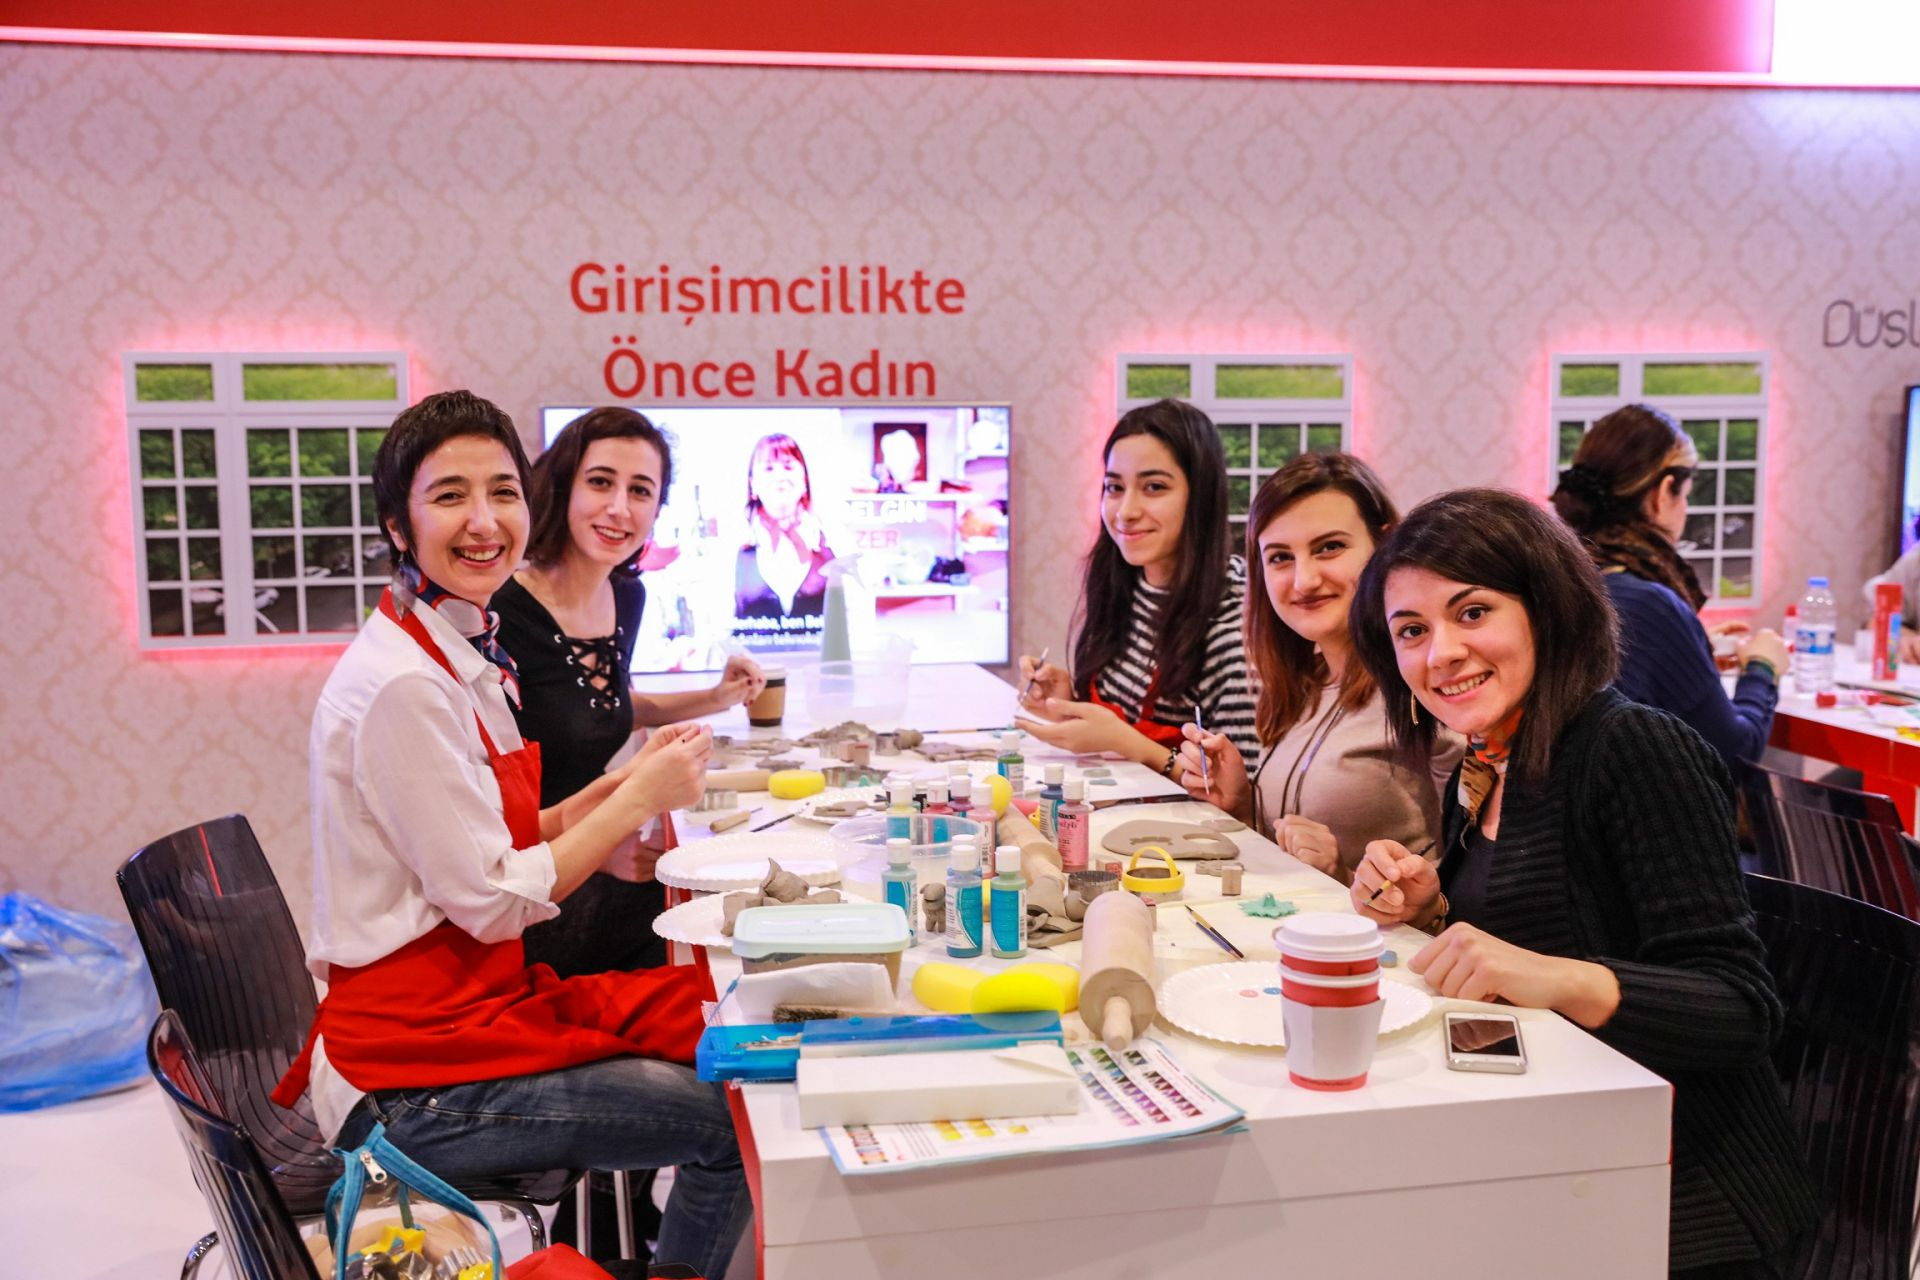 Vodafone'dan çalışanlarına yılda 2 gün gönüllülük izni